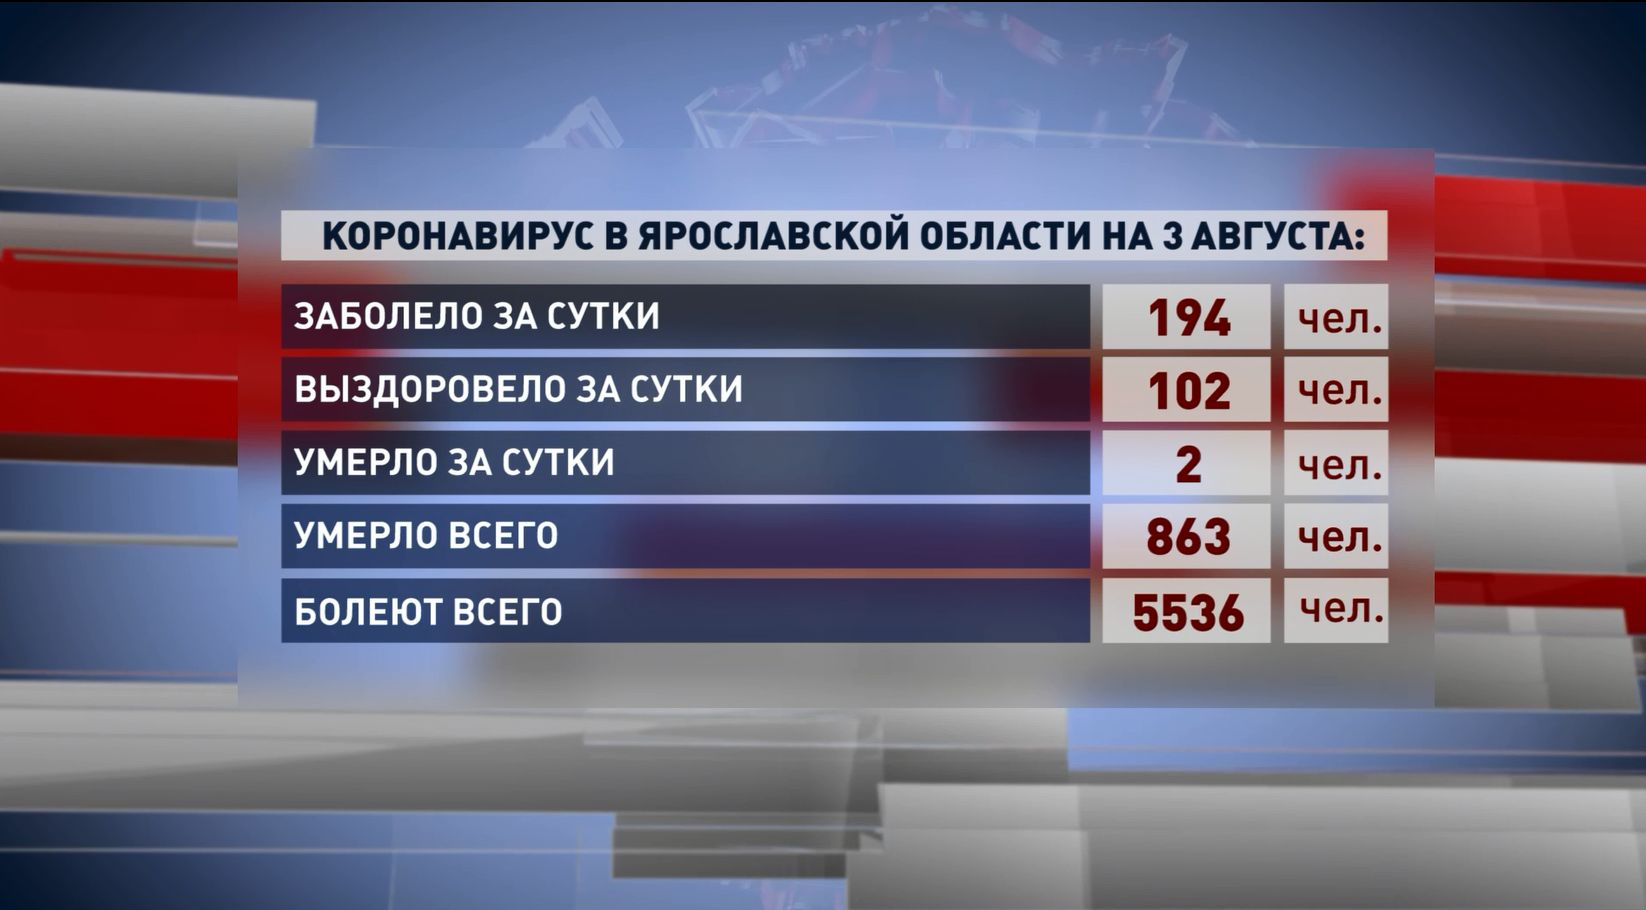 В Ярославской области за последние сутки от коронавируса скончались 2 человека